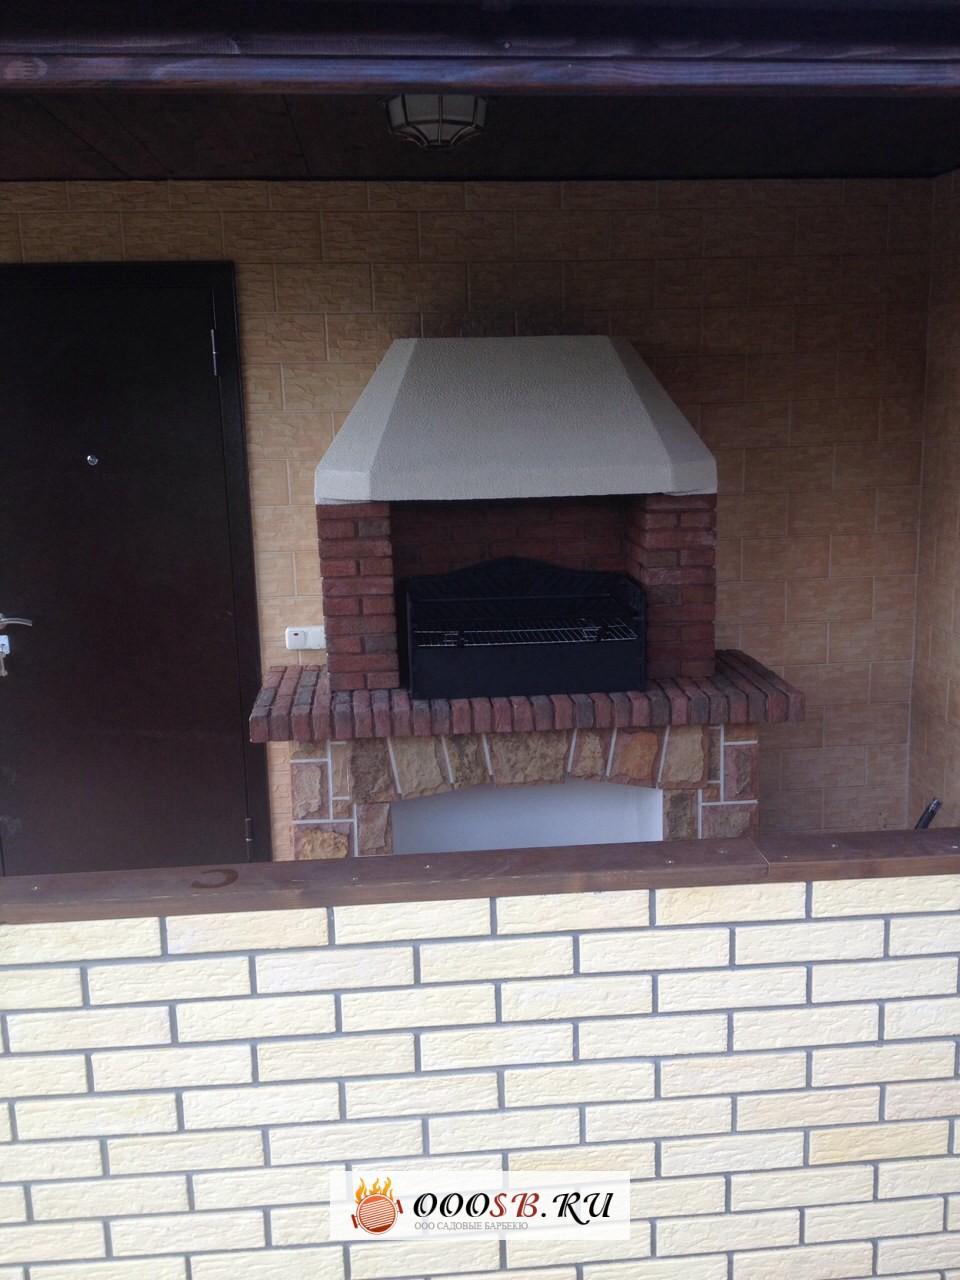 кирпичная беседка с мангалом барбекю на террасе